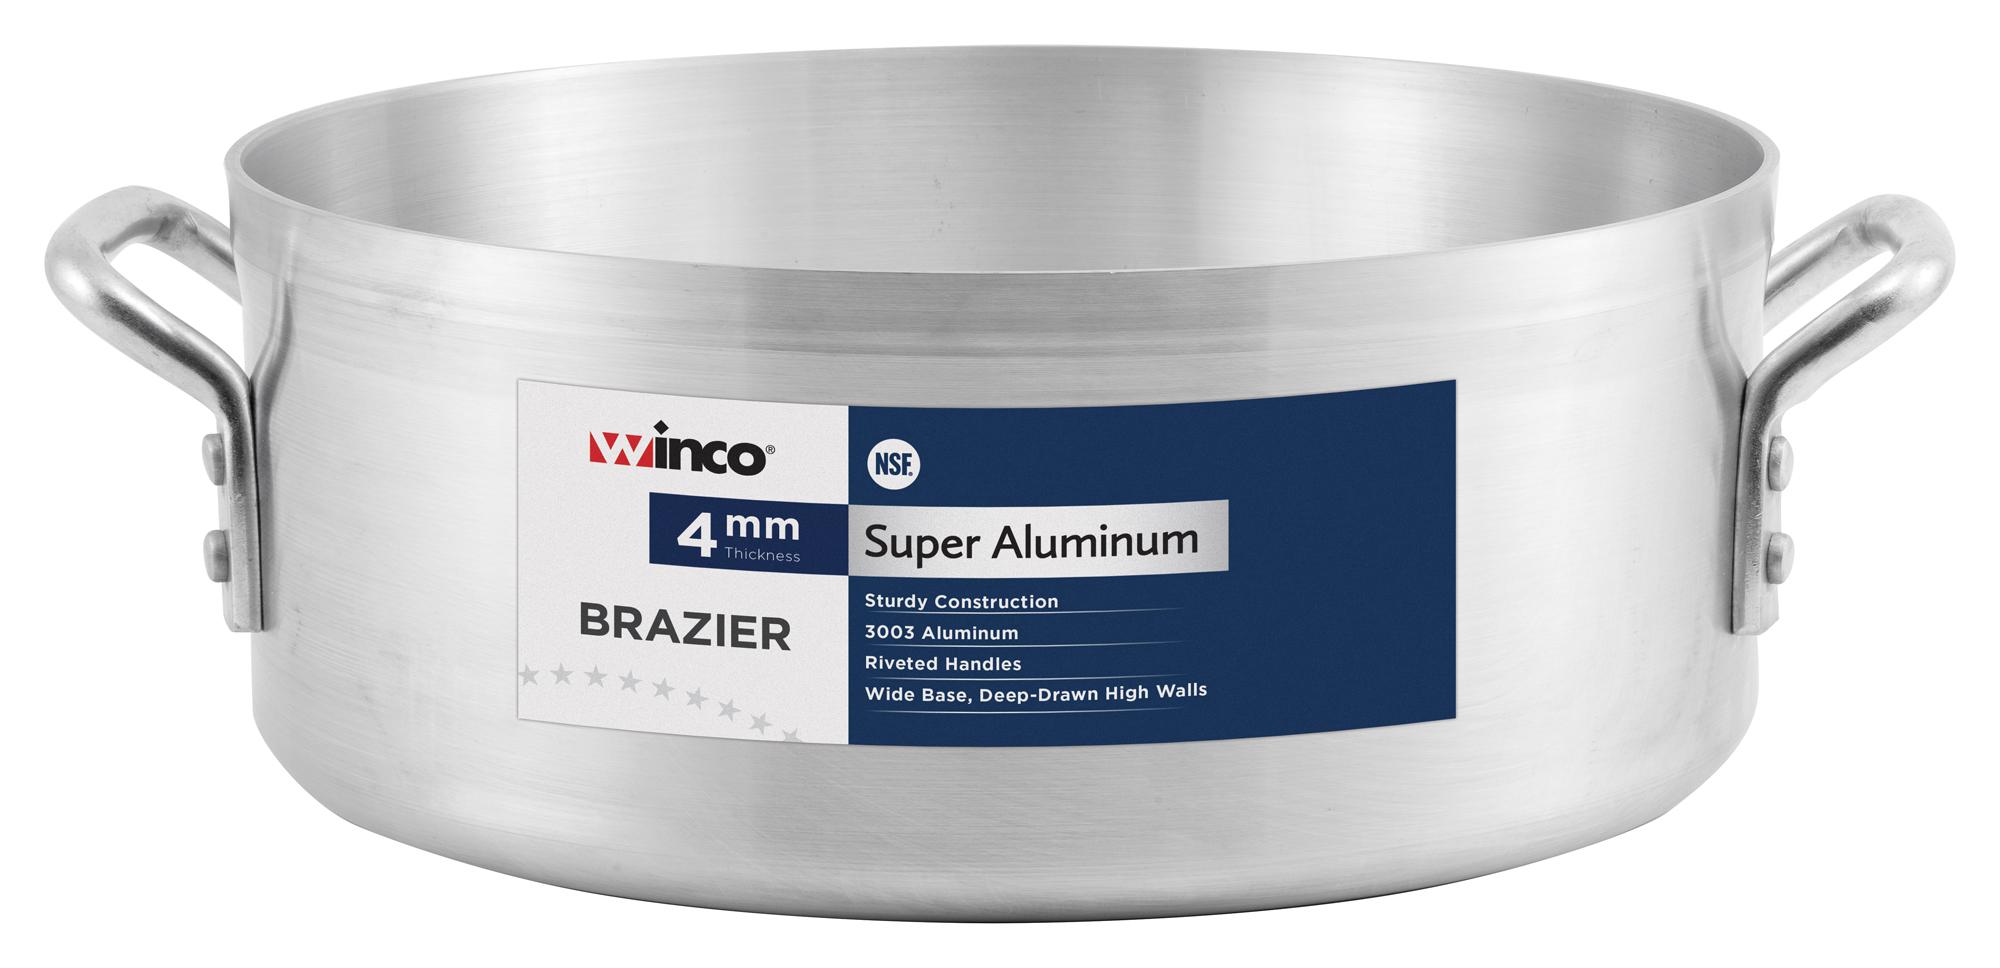 Winco AXBZ-35 brazier